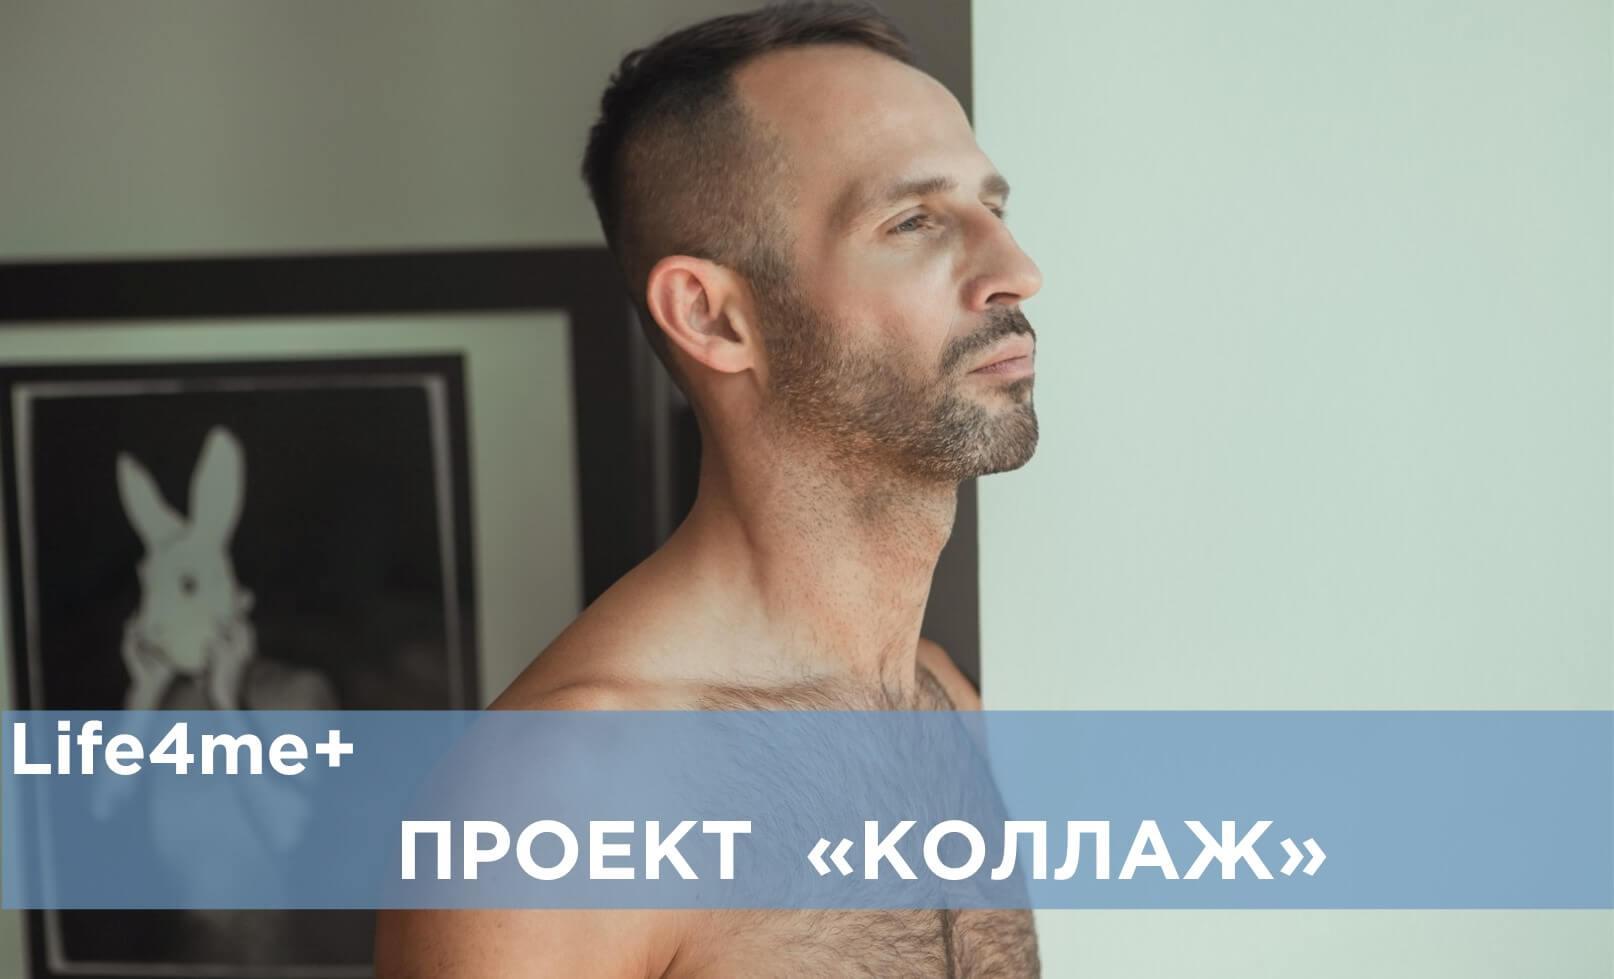 """Коллаж: """"В России я никому не говорил, что снимаюсь в порно"""", - Вадим Романов"""